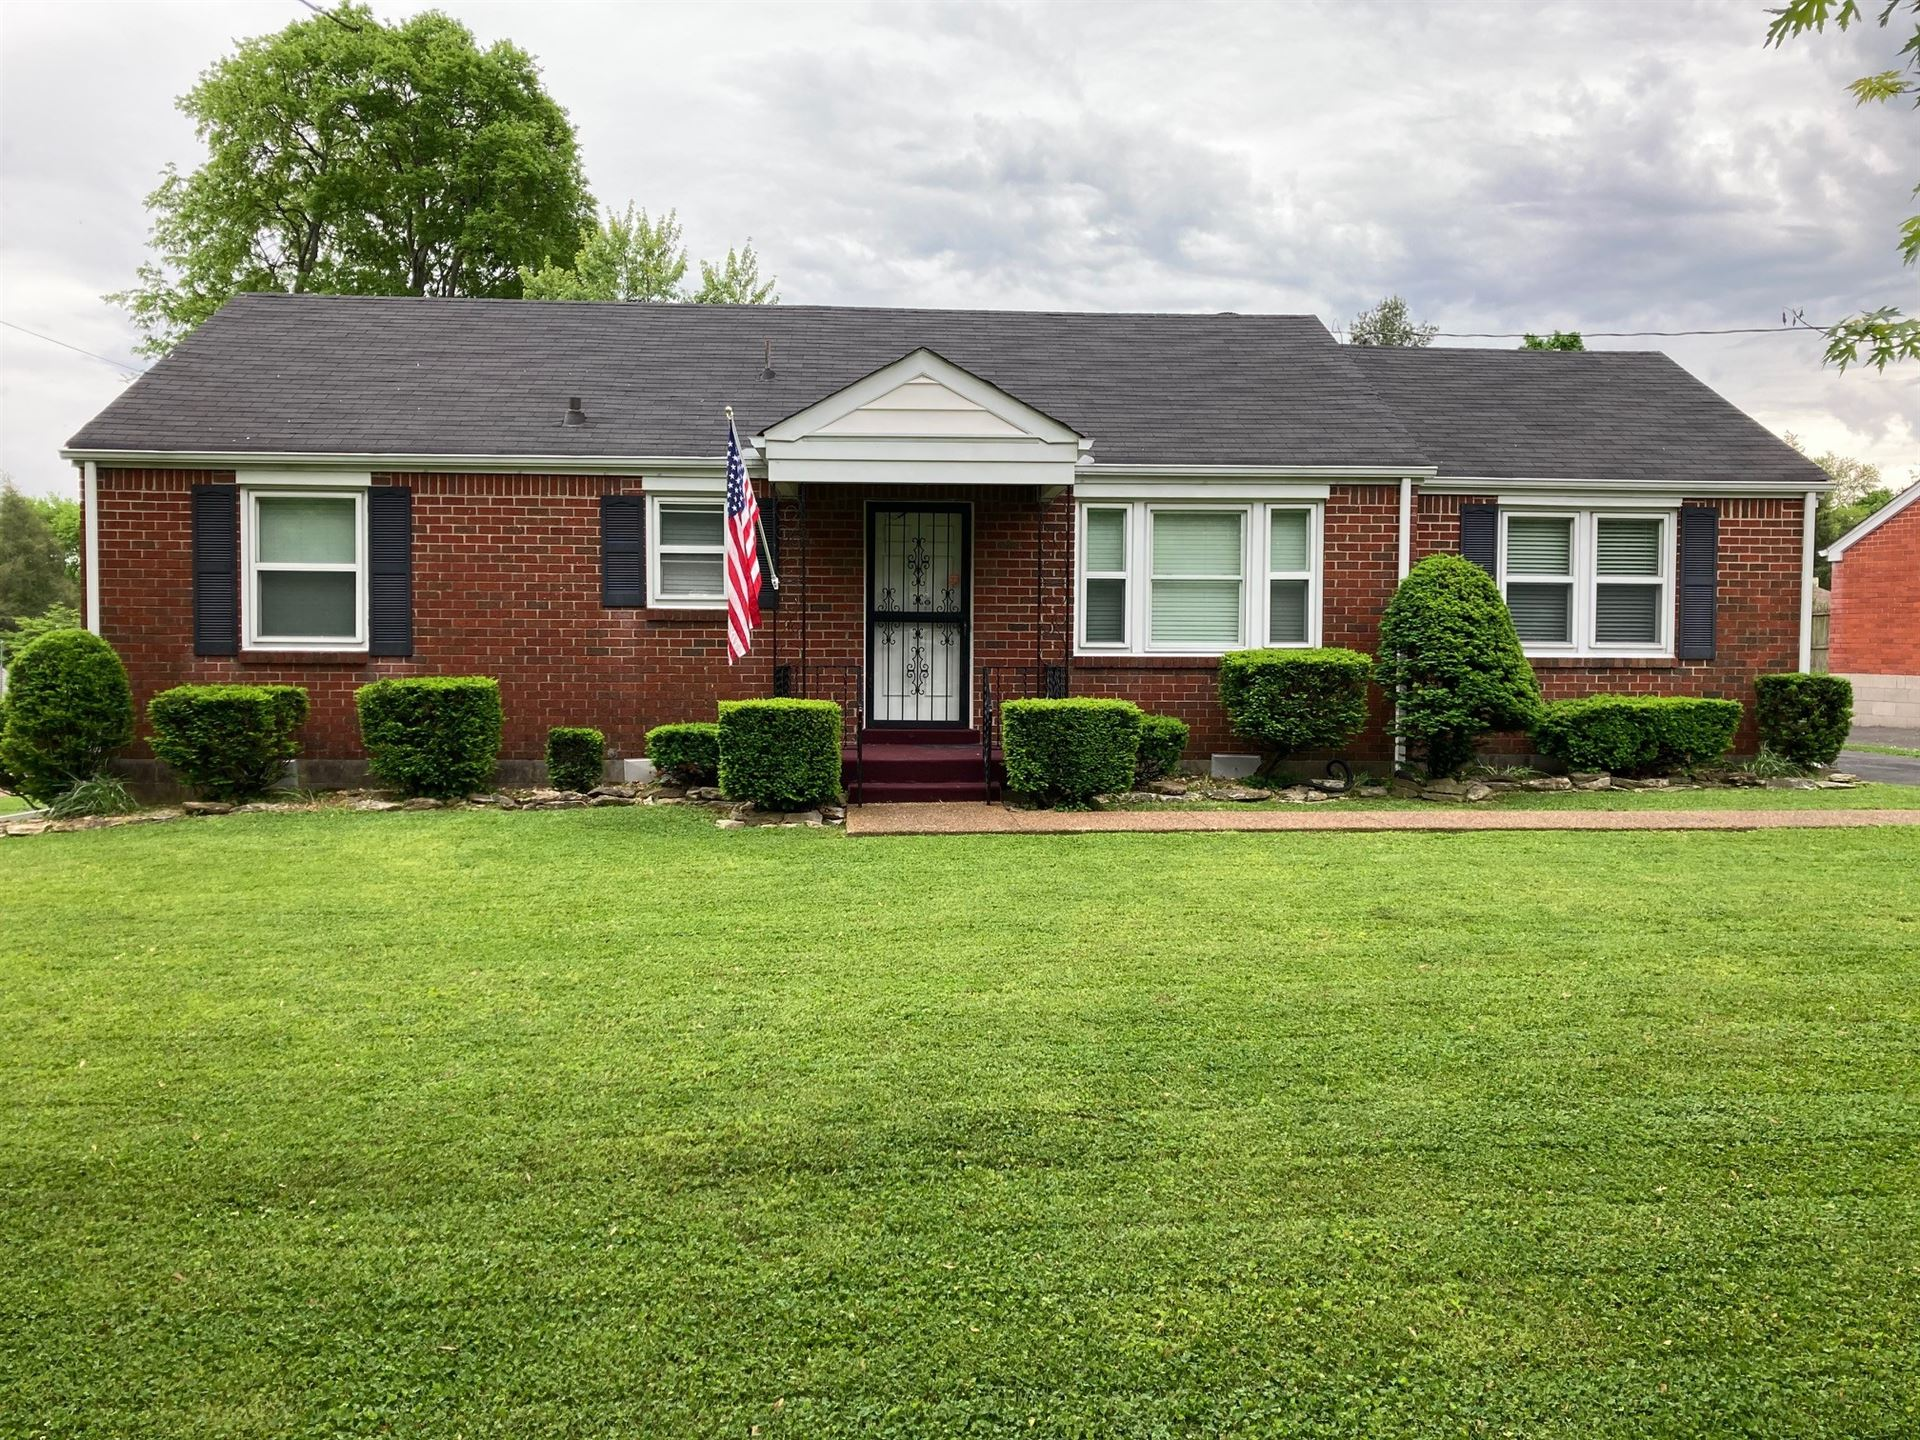 2533 Hibbitts Rd, Nashville, TN 37214 - MLS#: 2251958